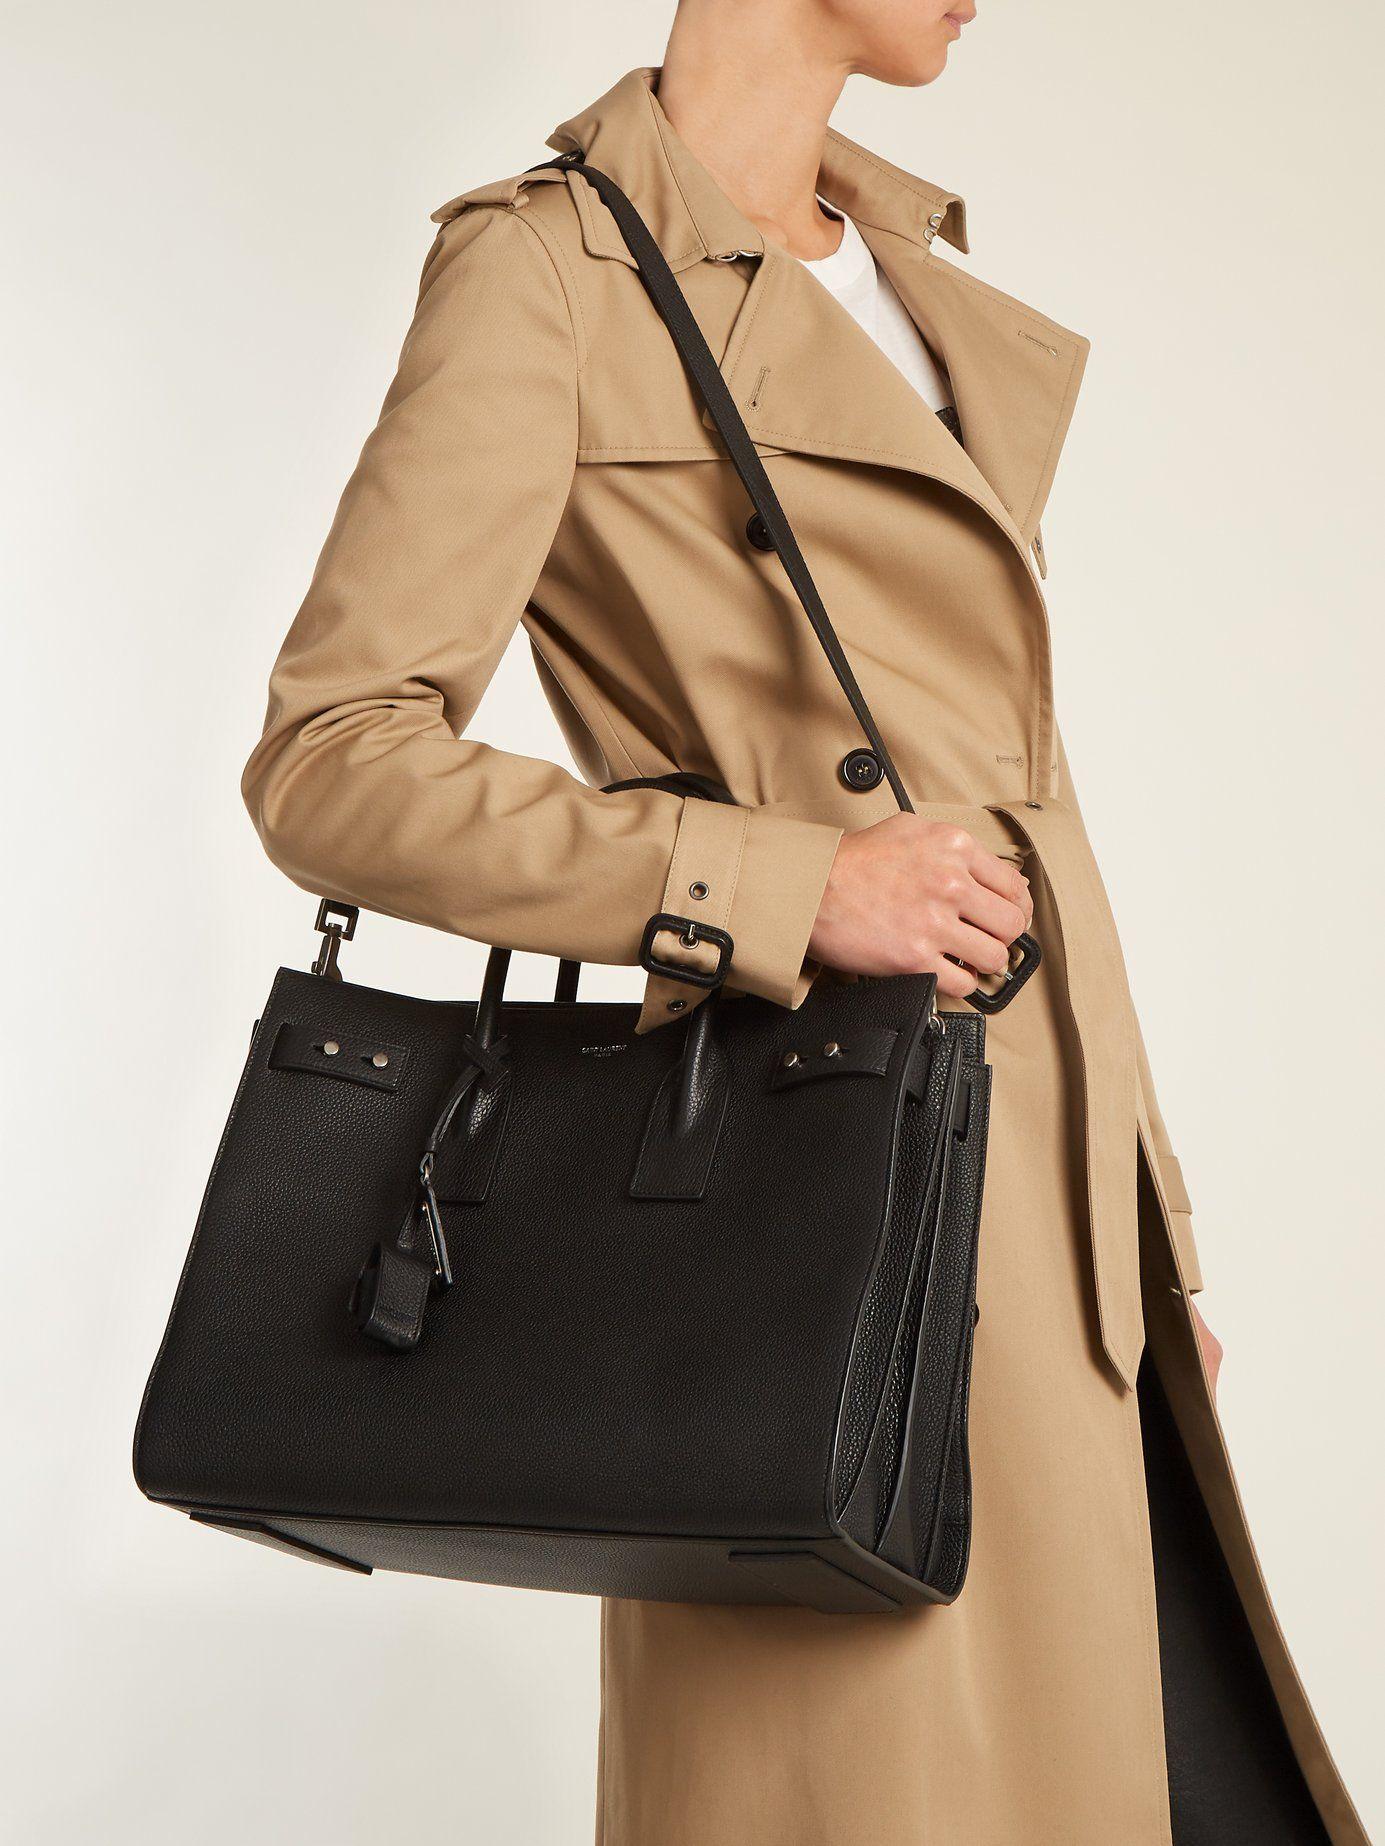 ade5204ee Sac De Jour medium grained-leather tote | Saint Laurent |  MATCHESFASHION.COM AU